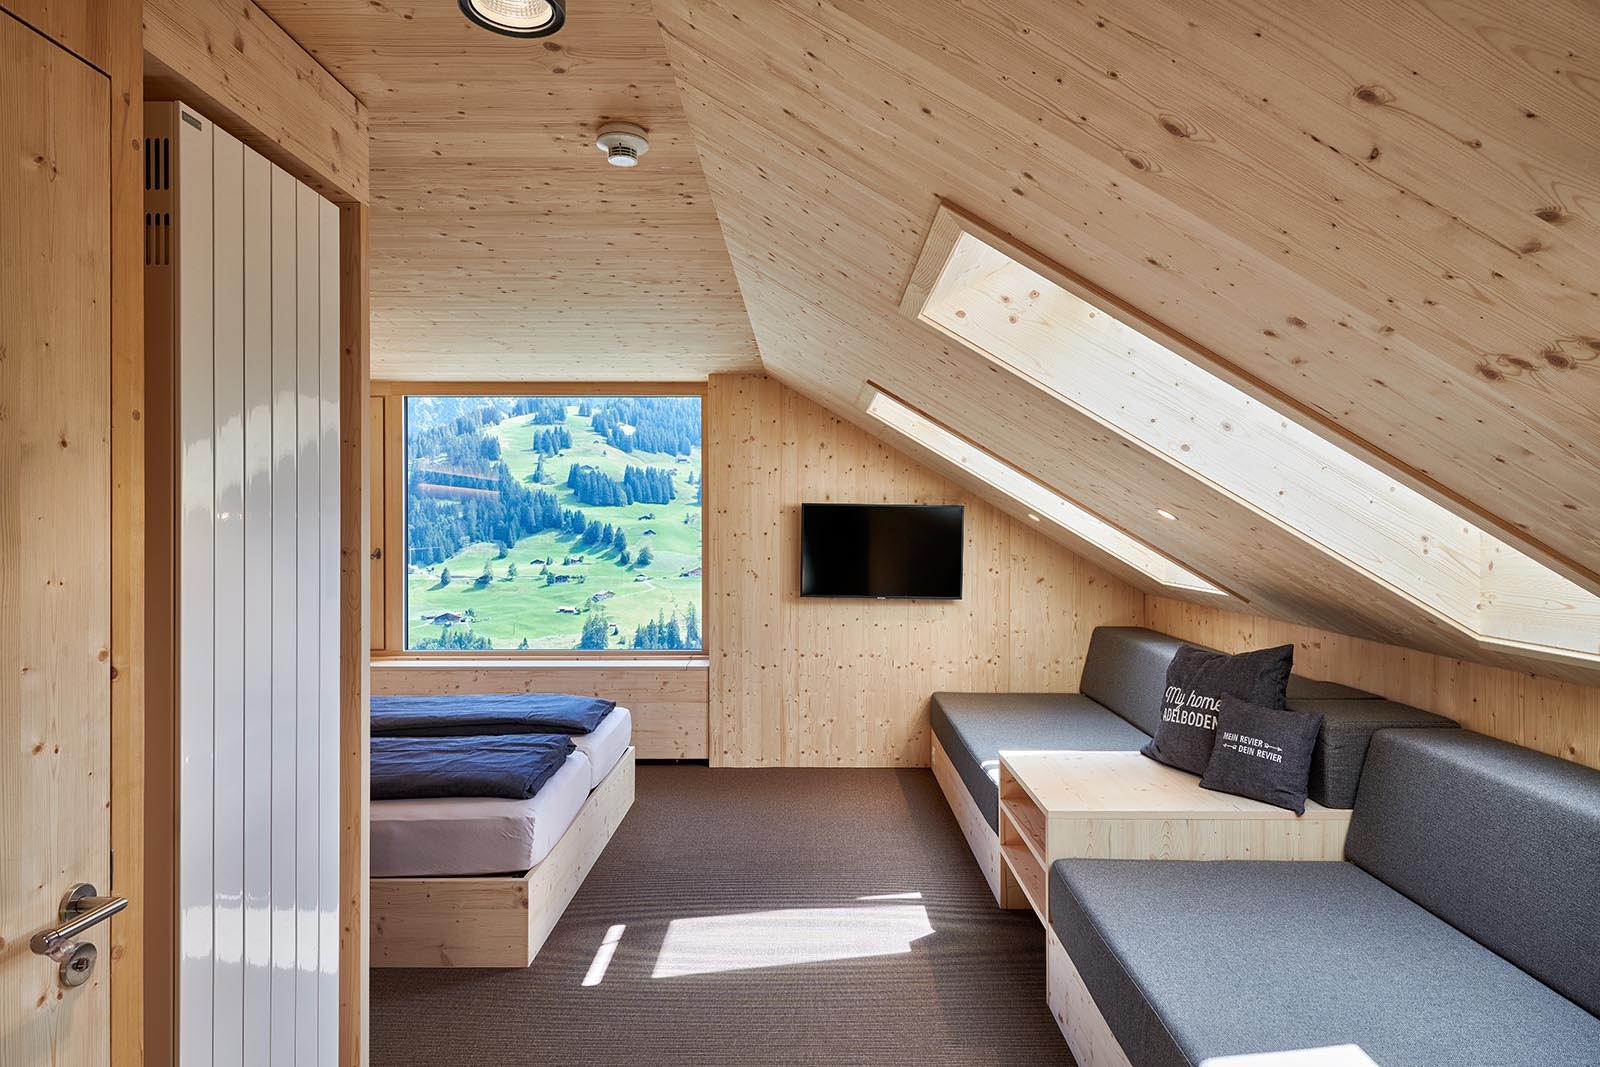 Hotel_Revier_Adelboden_01.jpg